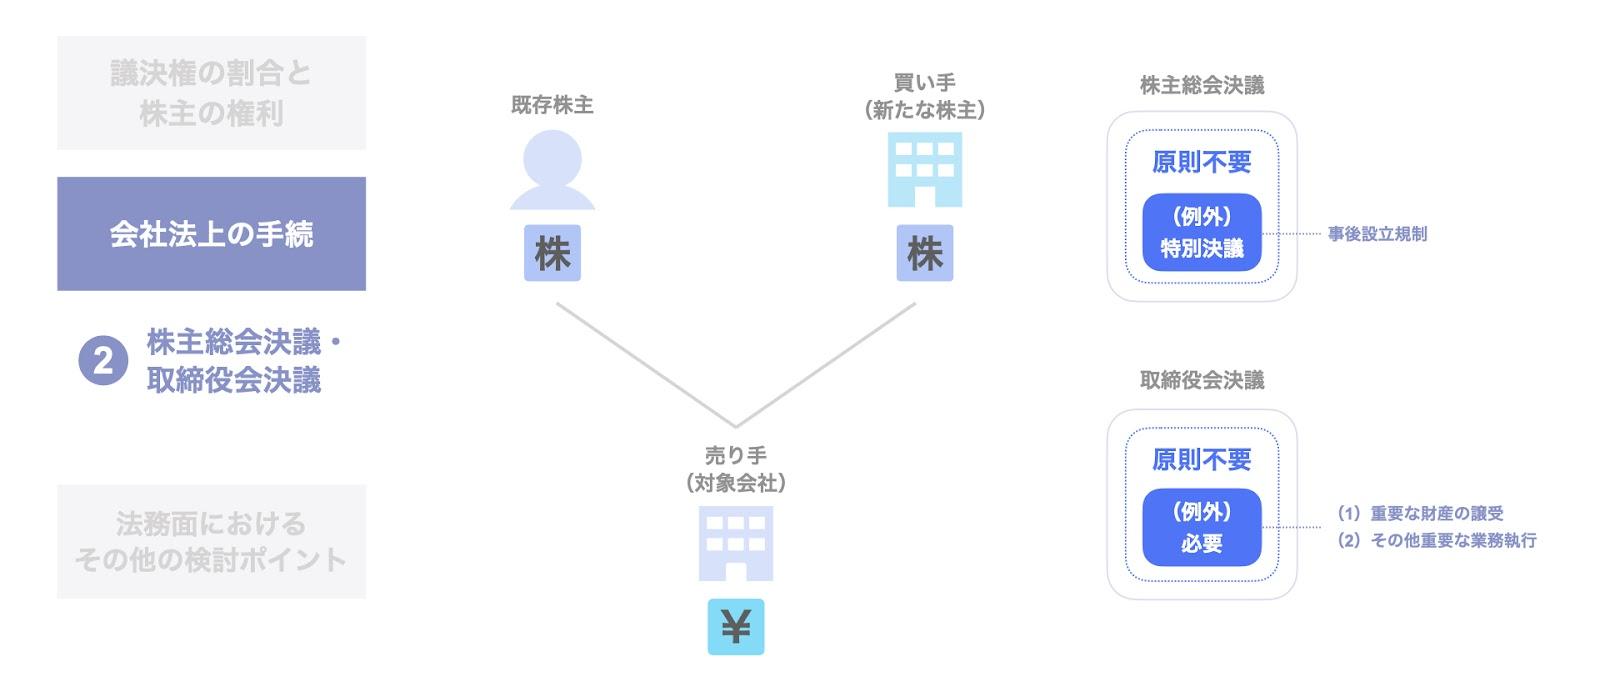 買い手における株主総会・取締役会決議の要否